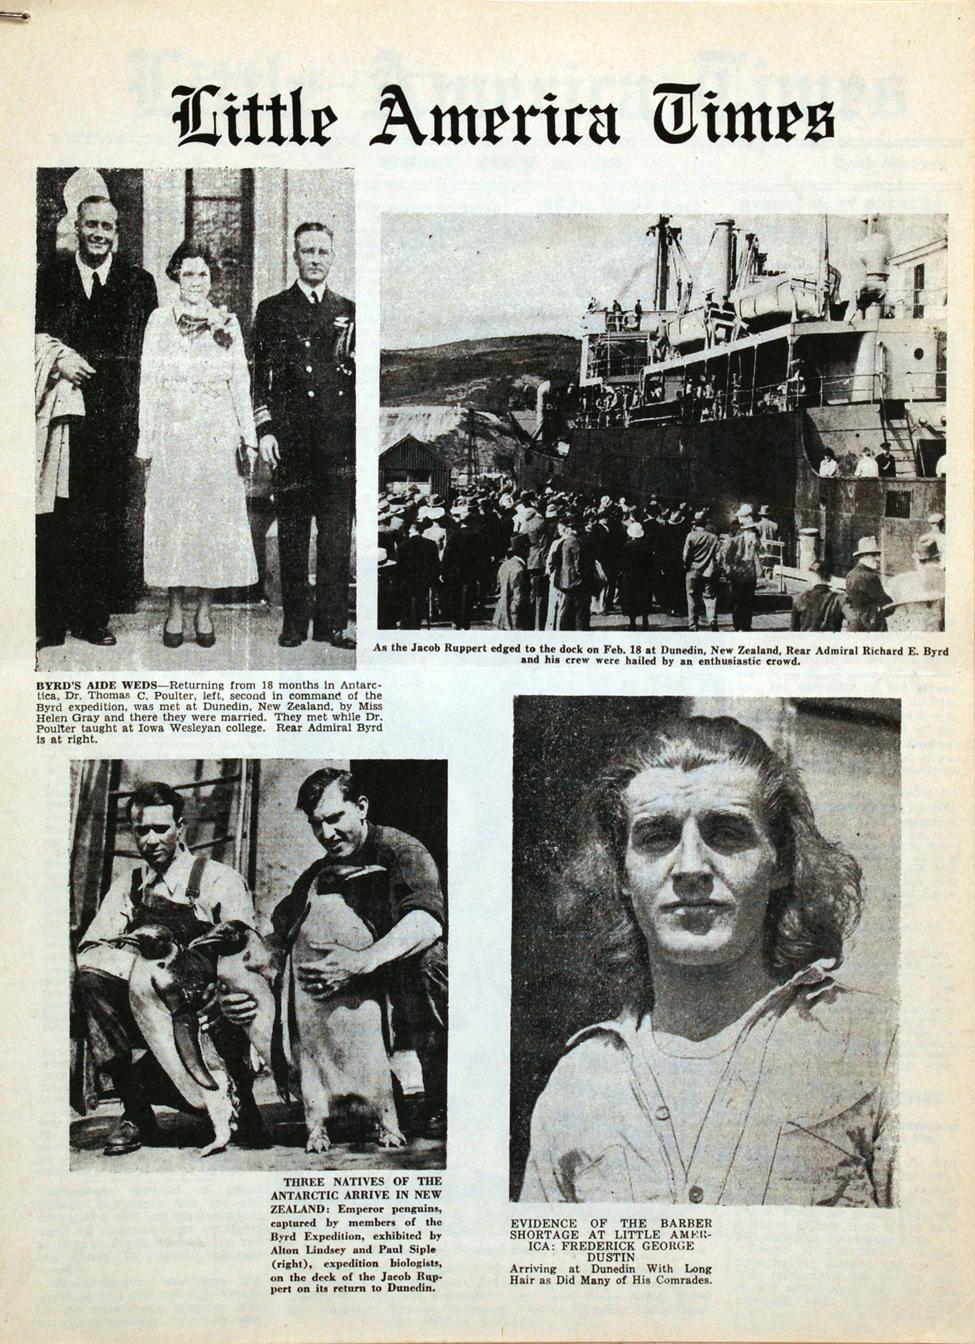 <i>Little America Times</i>. New York: August Horowitz, 28 February 1935.